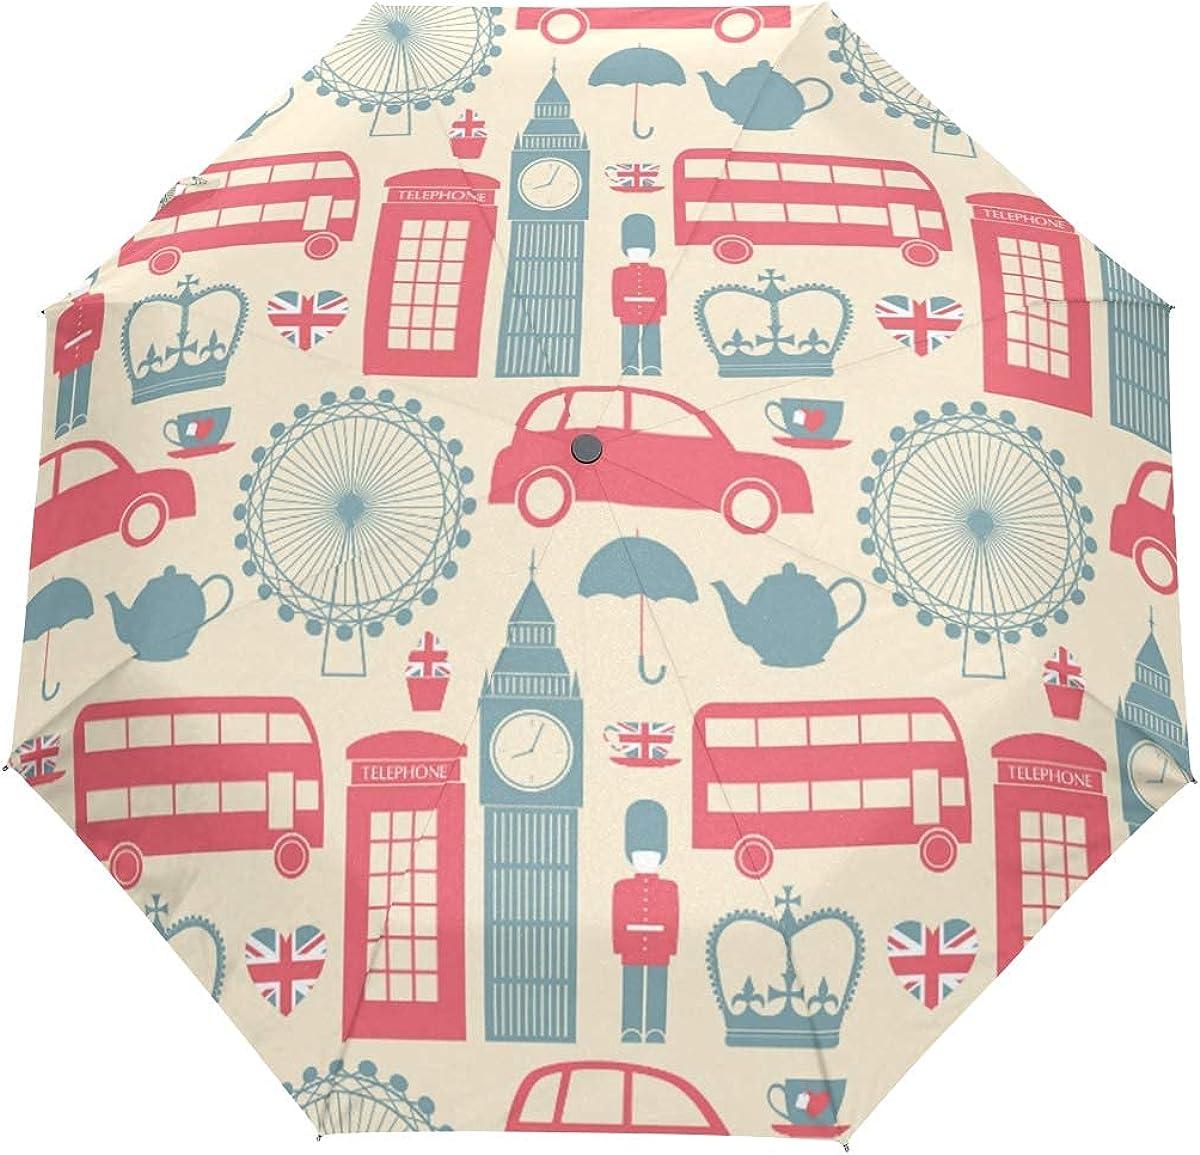 DERTYV 3 Folds Auto Open Close Finally resale start Big London P Umbrella mart England Ben